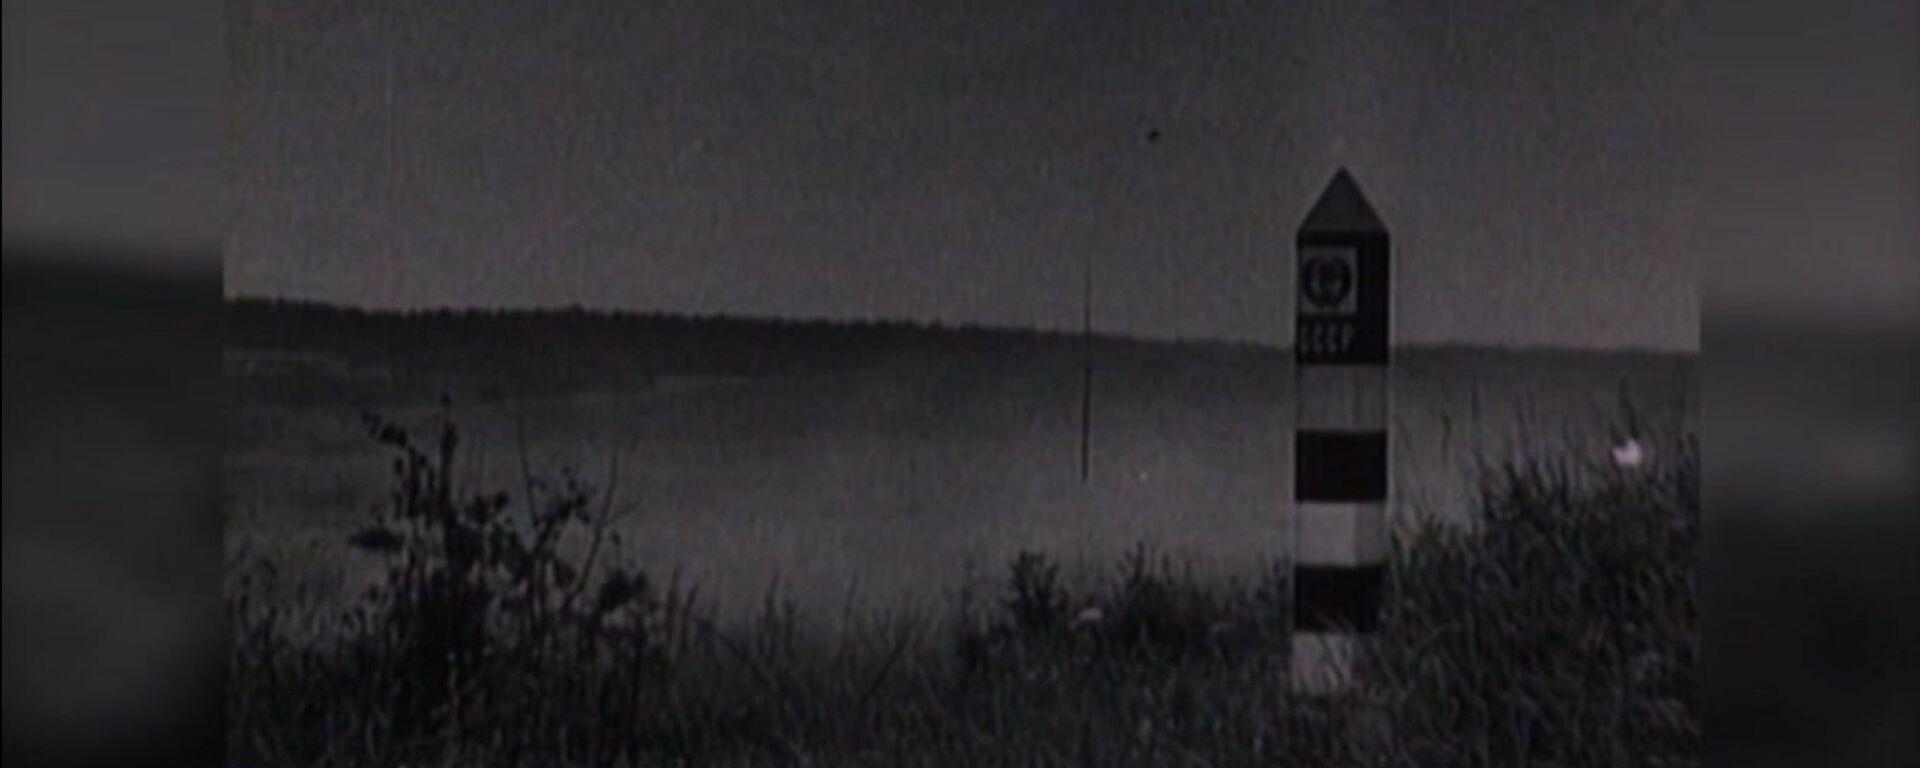 Nazistowskie Niemcy zaatakowały ZSRR 22 czerwca 1941 roku - Sputnik Polska, 1920, 22.06.2018